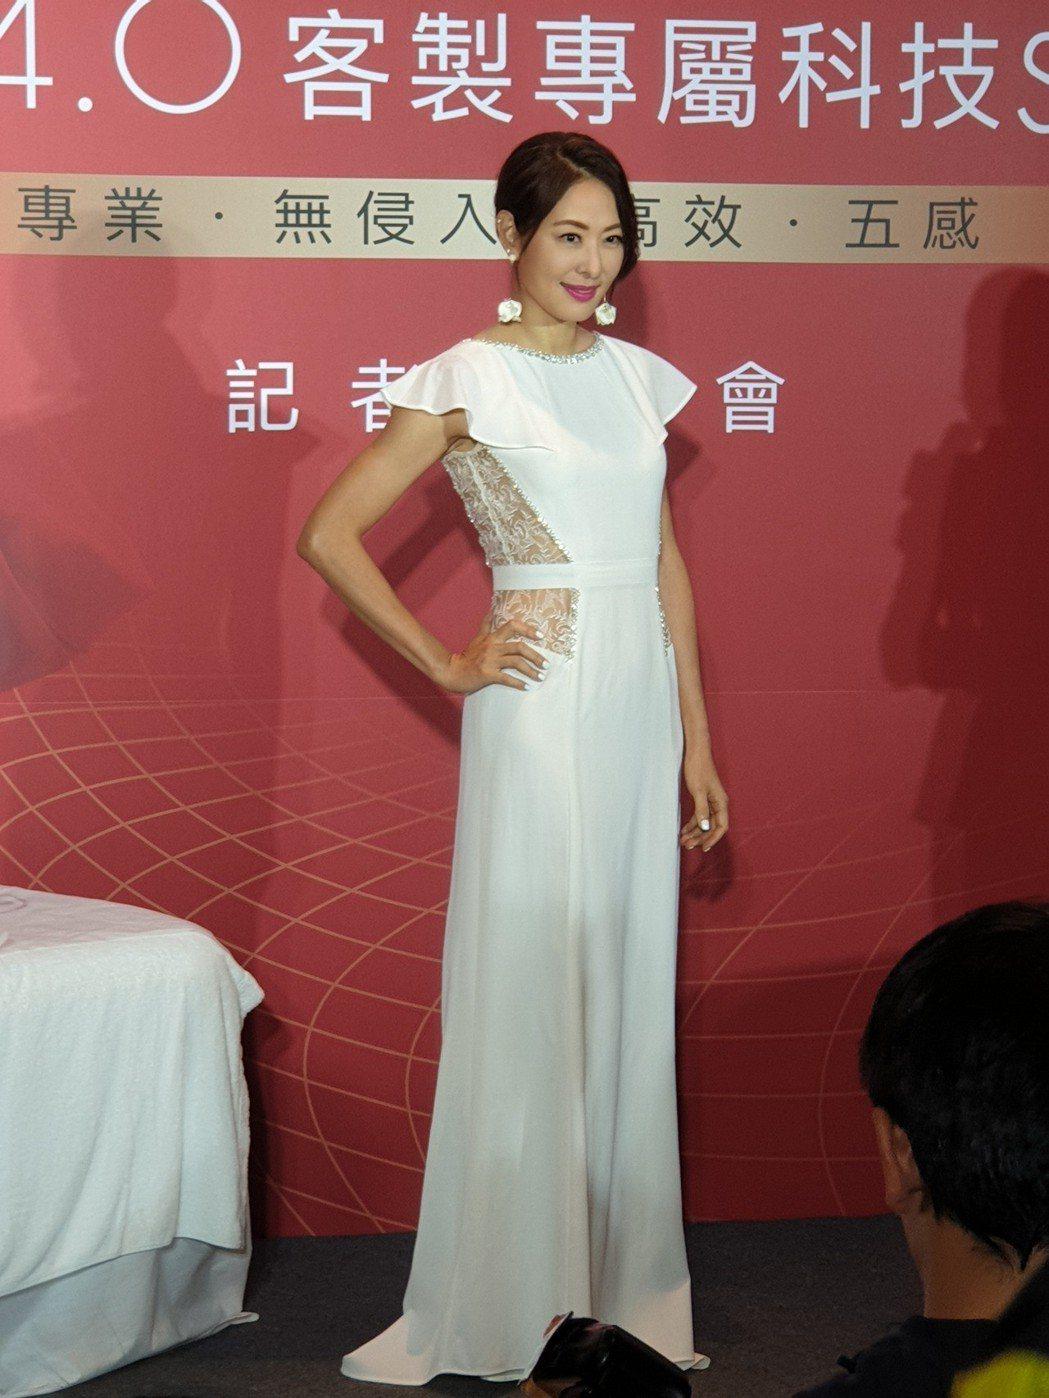 賈永婕裙子底下穿著平底鞋。記者李姿瑩/攝影